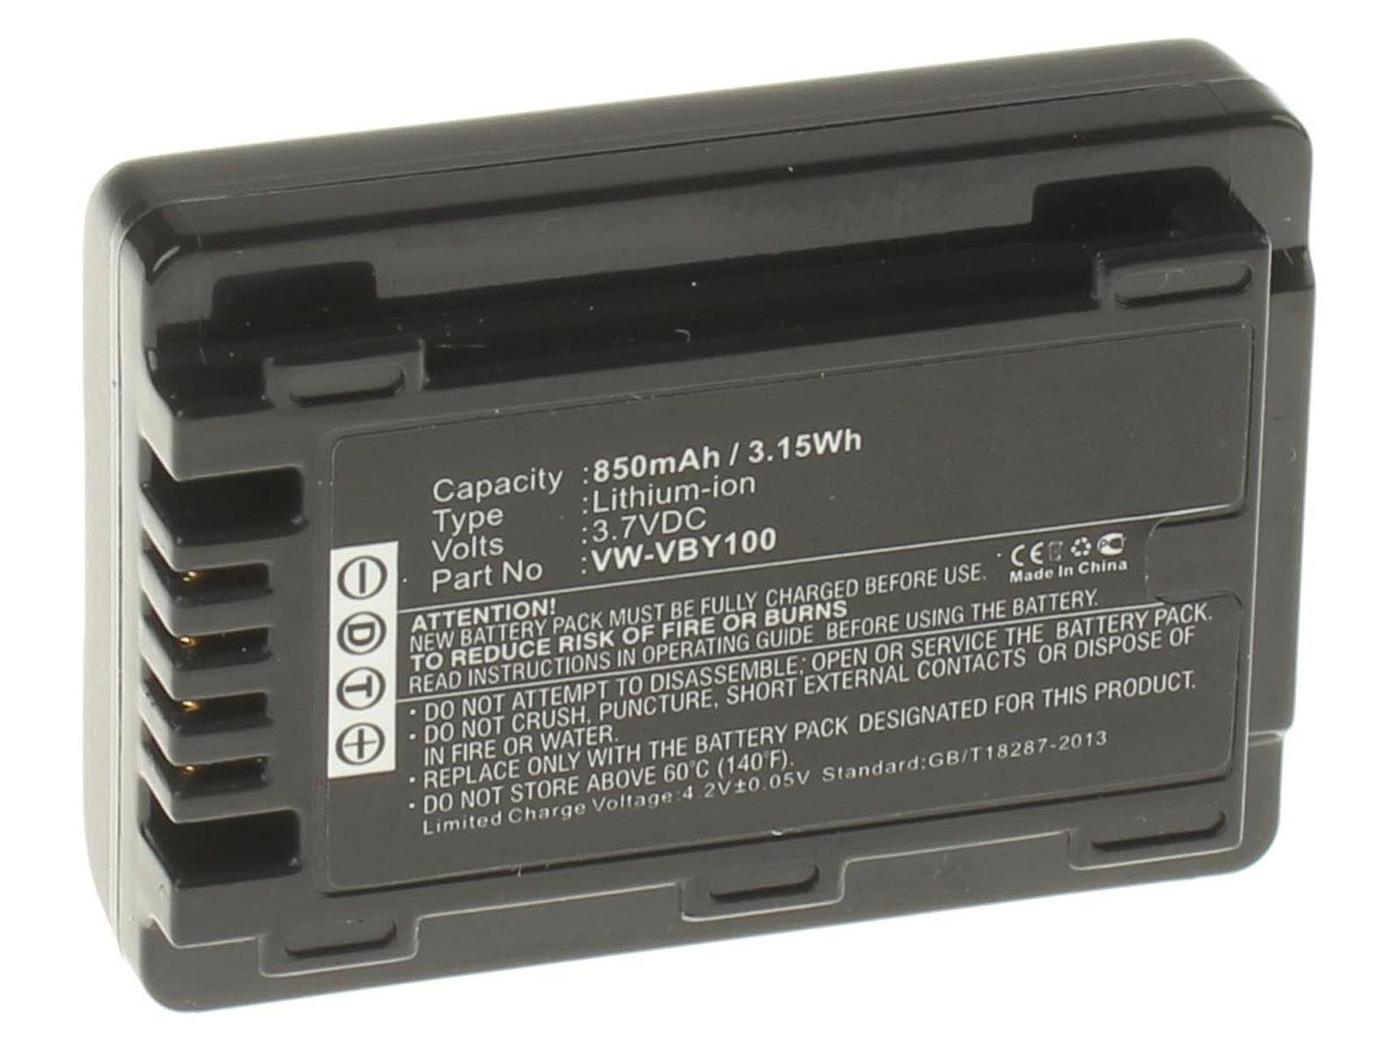 Аккумуляторная батарея iBatt iB-T1-F238 850mAh для камер Panasonic HC-V160, HC-V110, HC-V130, HC-V110EE-K, HC-V201, HC-V201K,